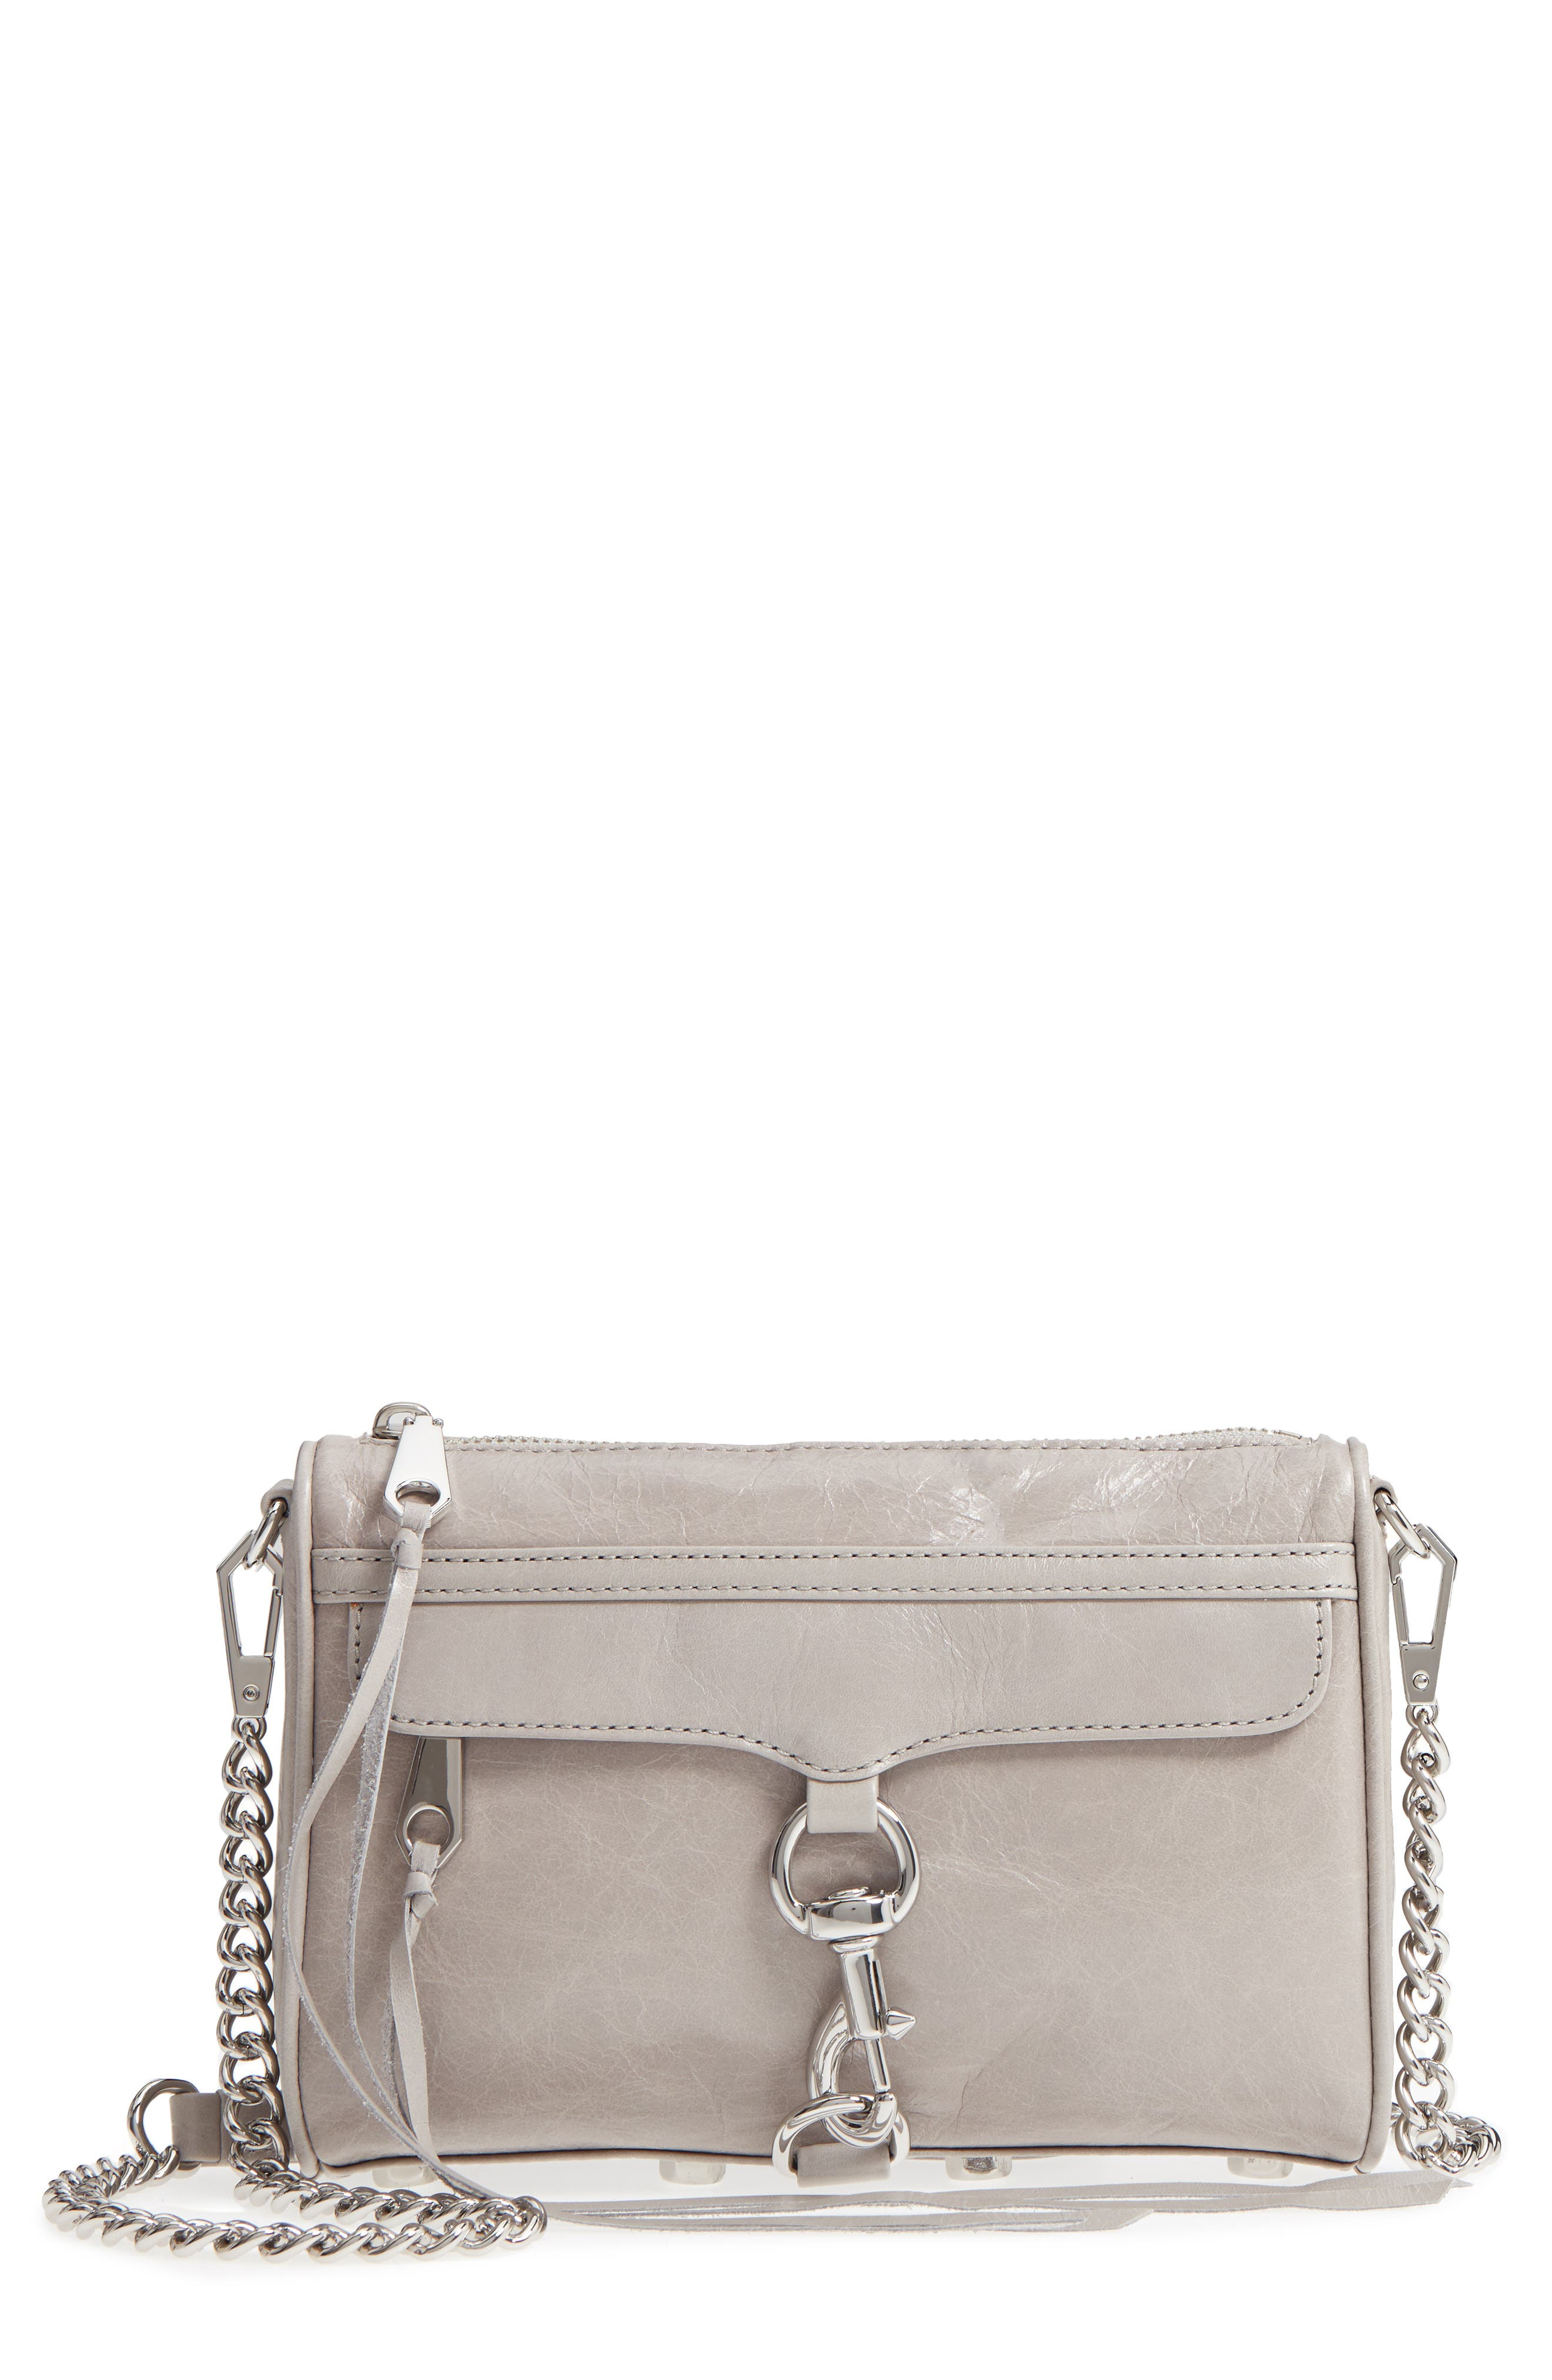 c8b0d3e3f996 Rebecca Minkoff Mini Mac Convertible Crossbody Handbag - Best Model ...